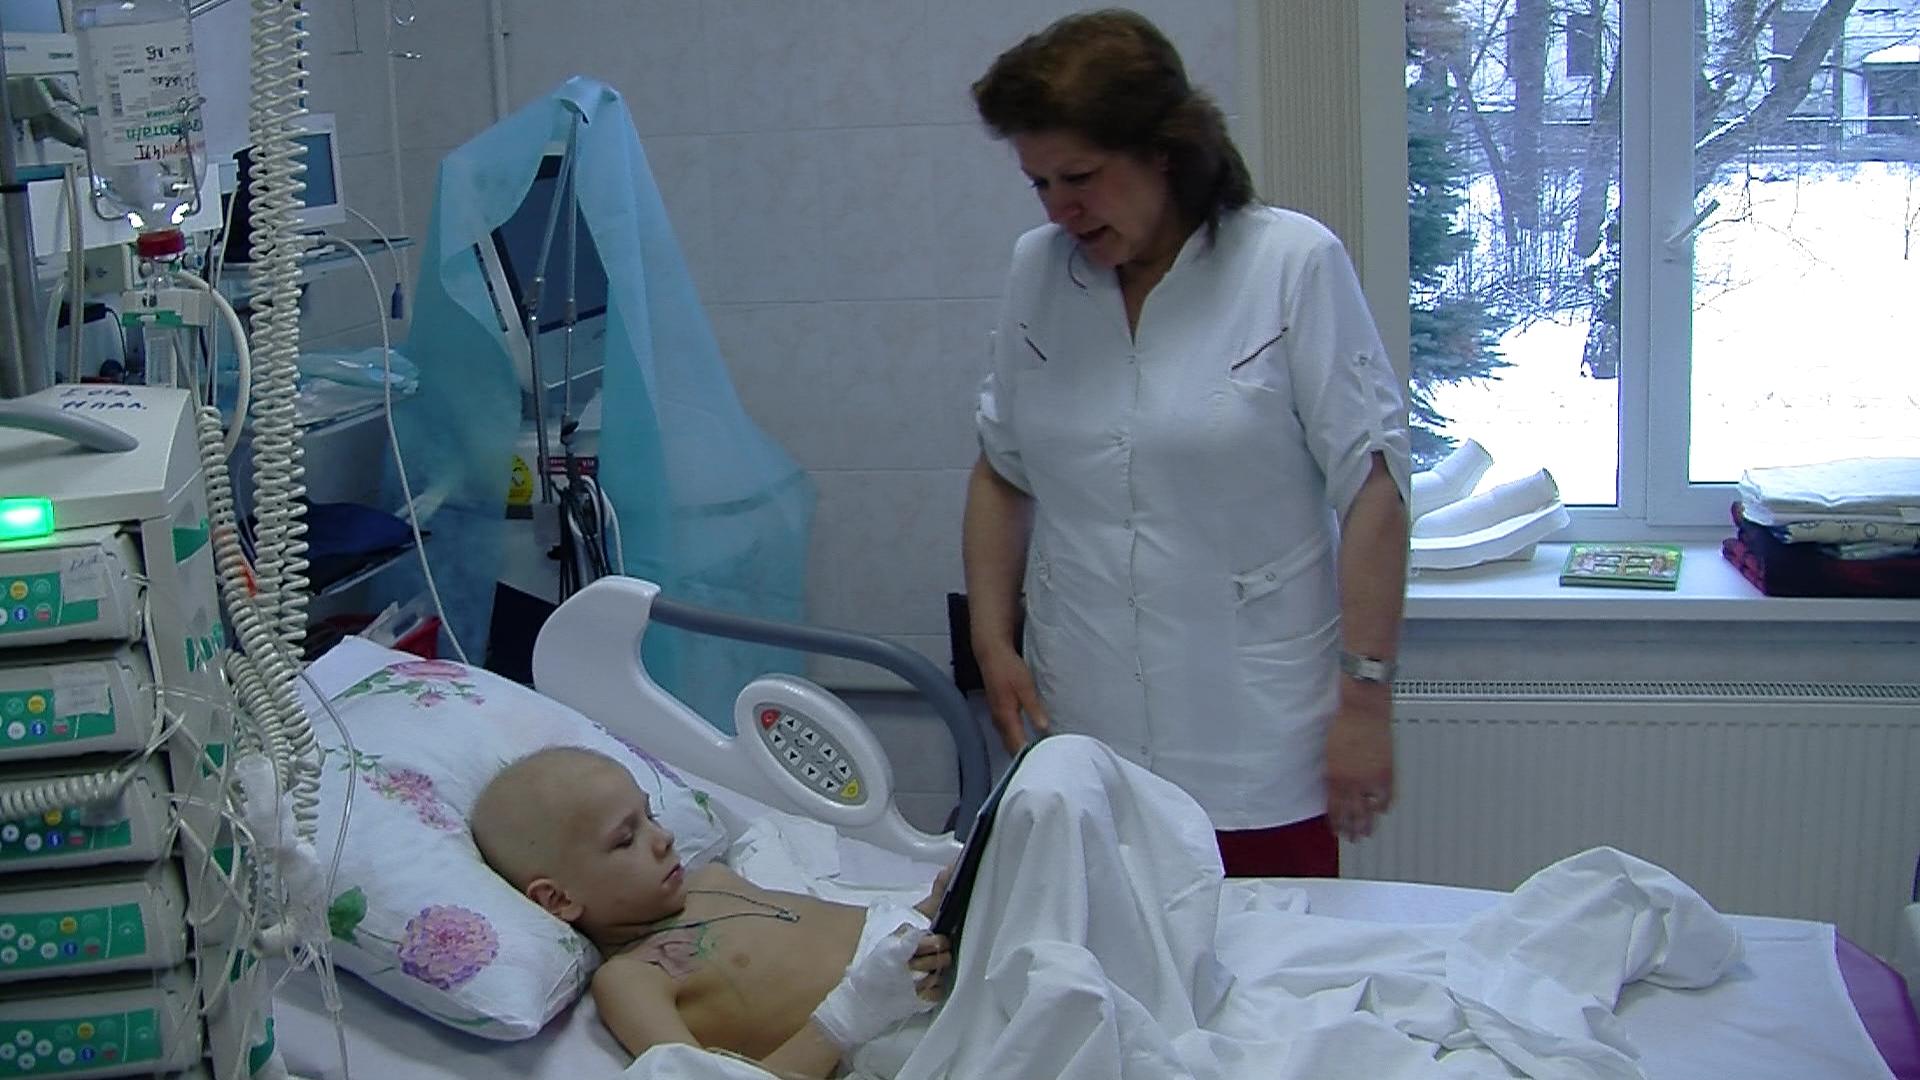 Смотреть картинки што делают в больнице 15 фотография